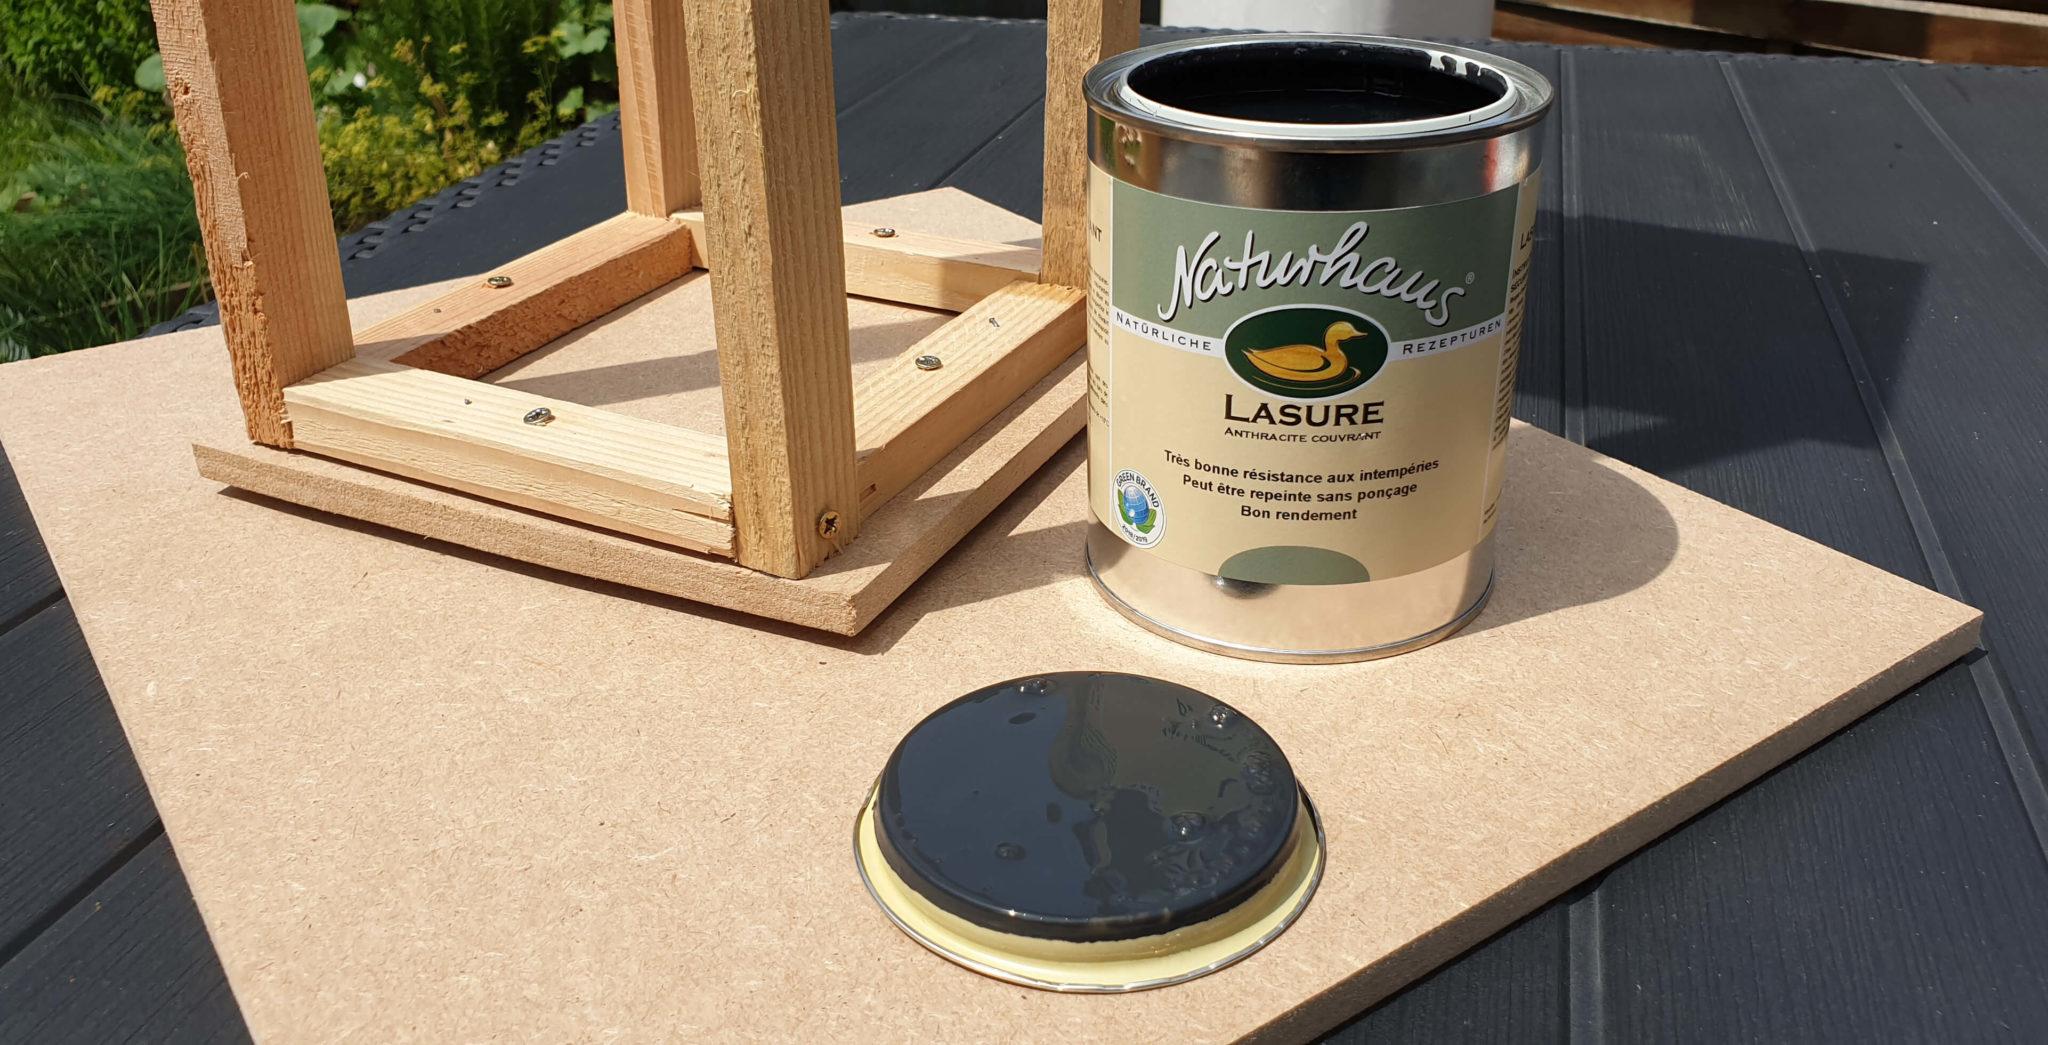 20190623 134356 2048x1045 - Fabriquer une lanterne pour le jardin